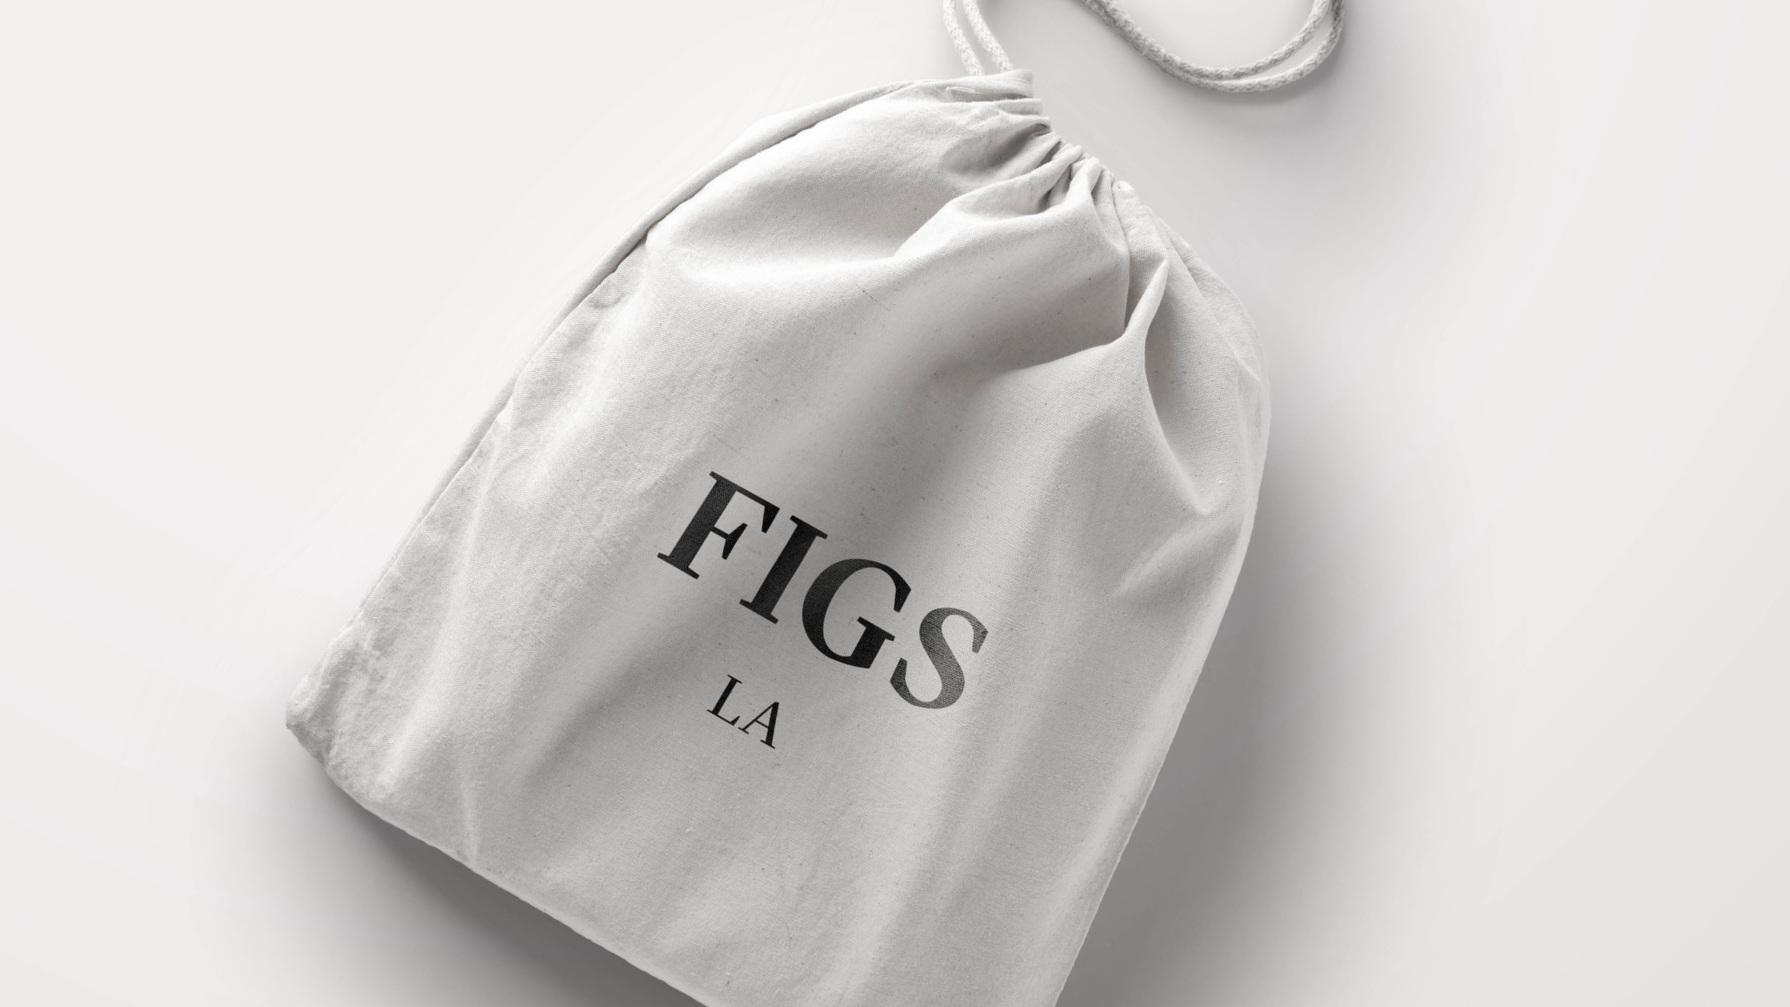 Figs_001.jpg